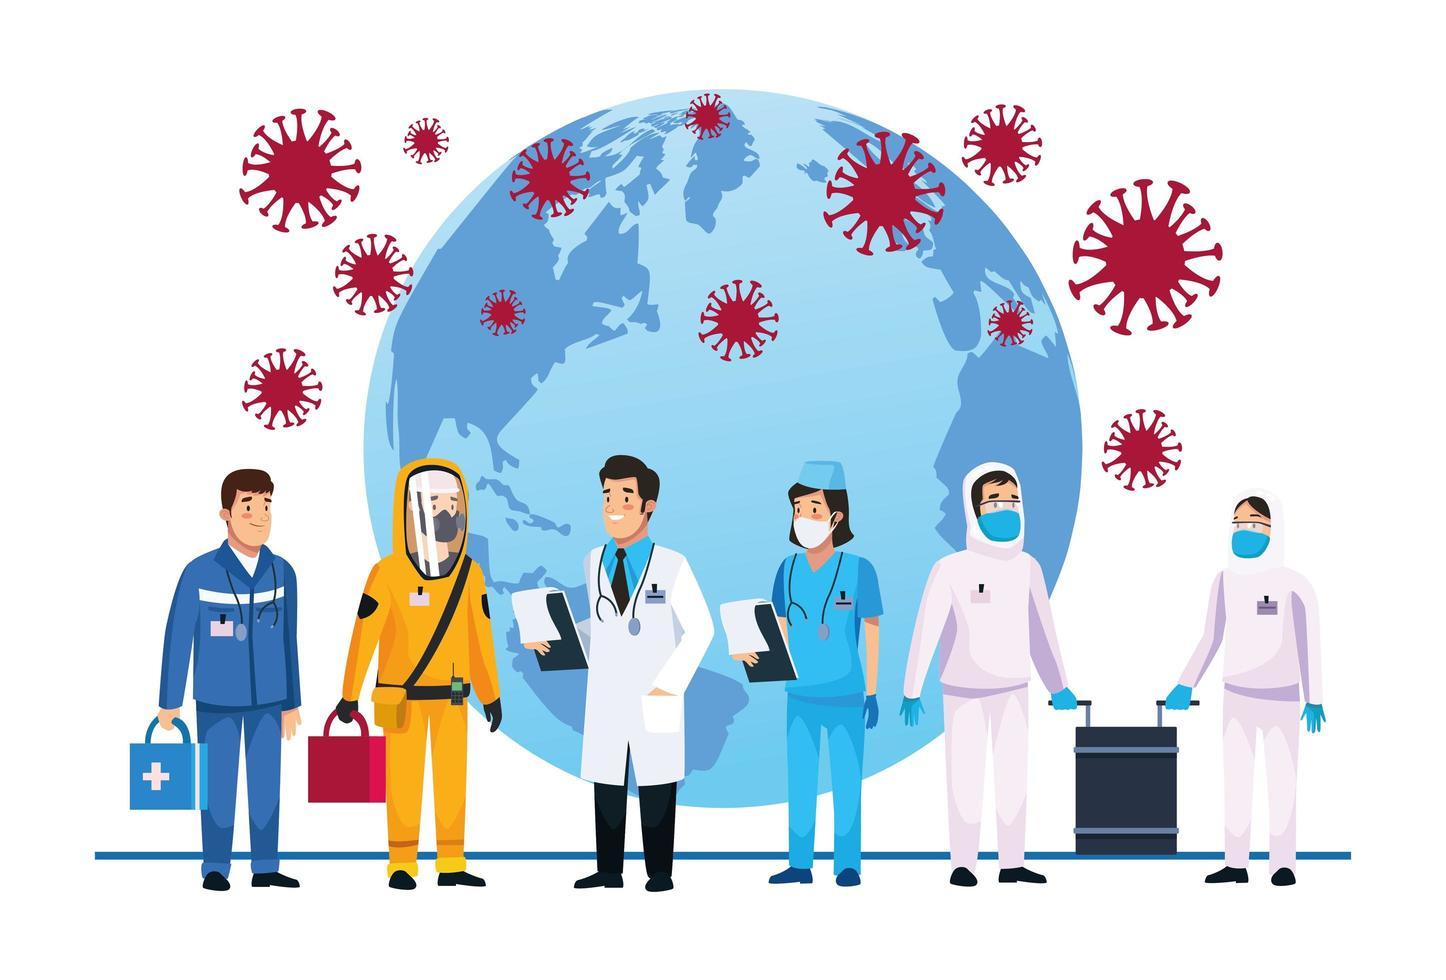 medizinisches Personal, das sich mit Covid 19 auf Erden befasst vektor